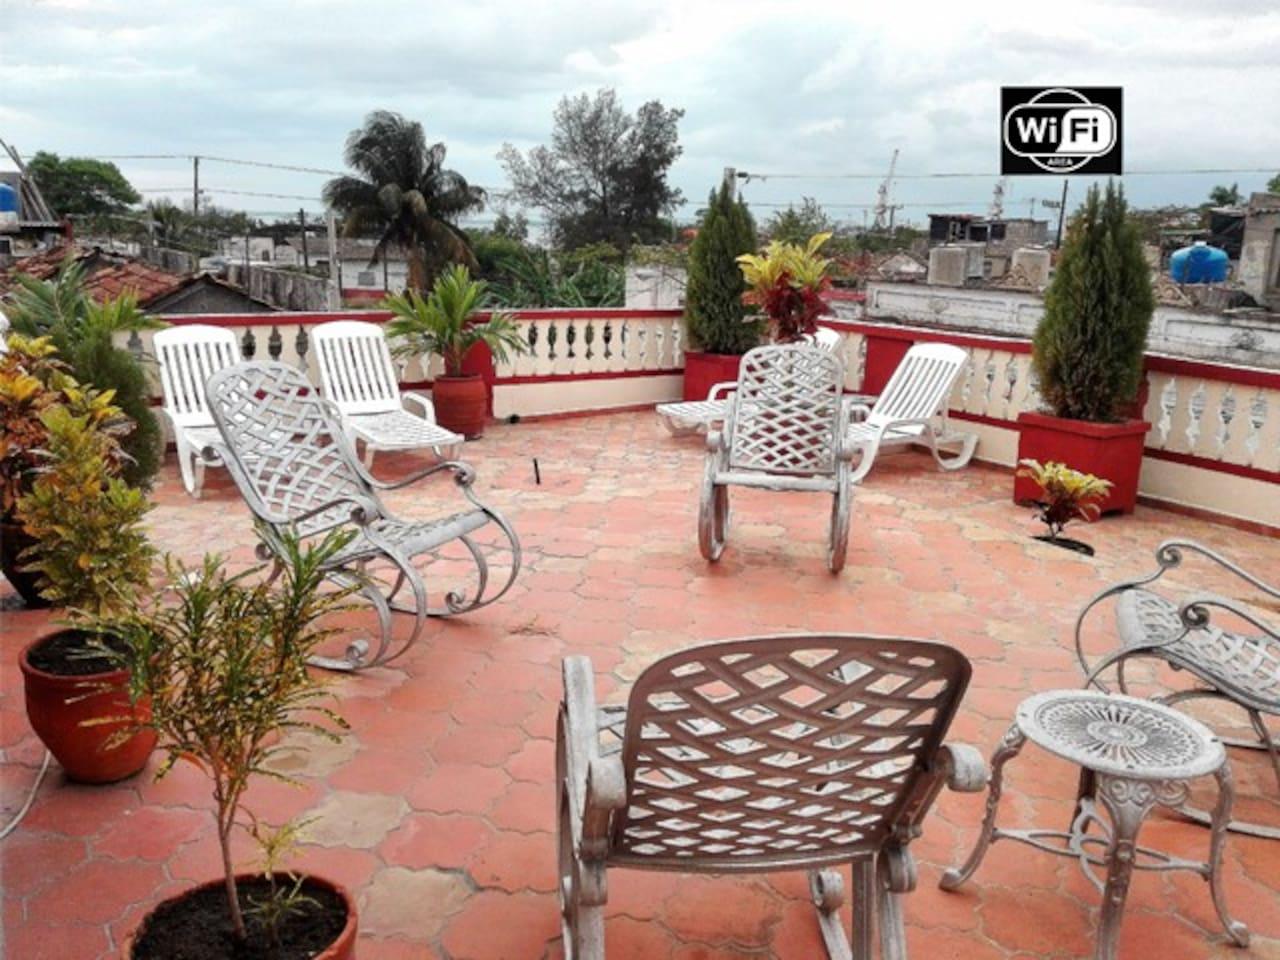 Hostal Pocala te ofrece una inolvidable estancia, aqui podrás disfrutar del sol, la suave brisa, deliciosos desayunos y puestas de sol que no olvidarás. !TE ESPERAMOS!